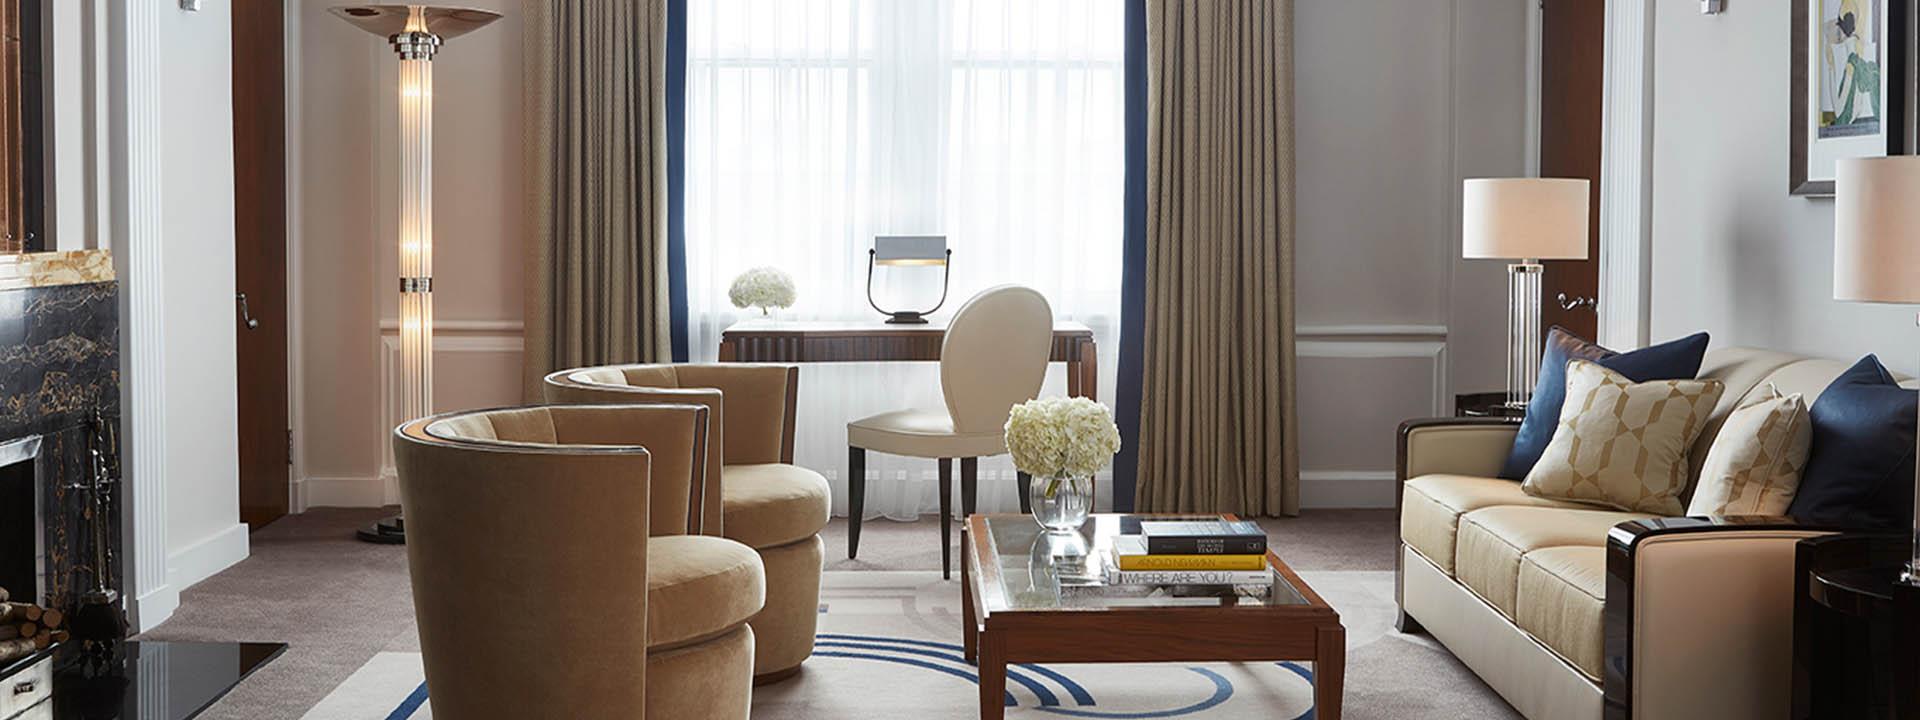 Mayfair Suite Sitting Room